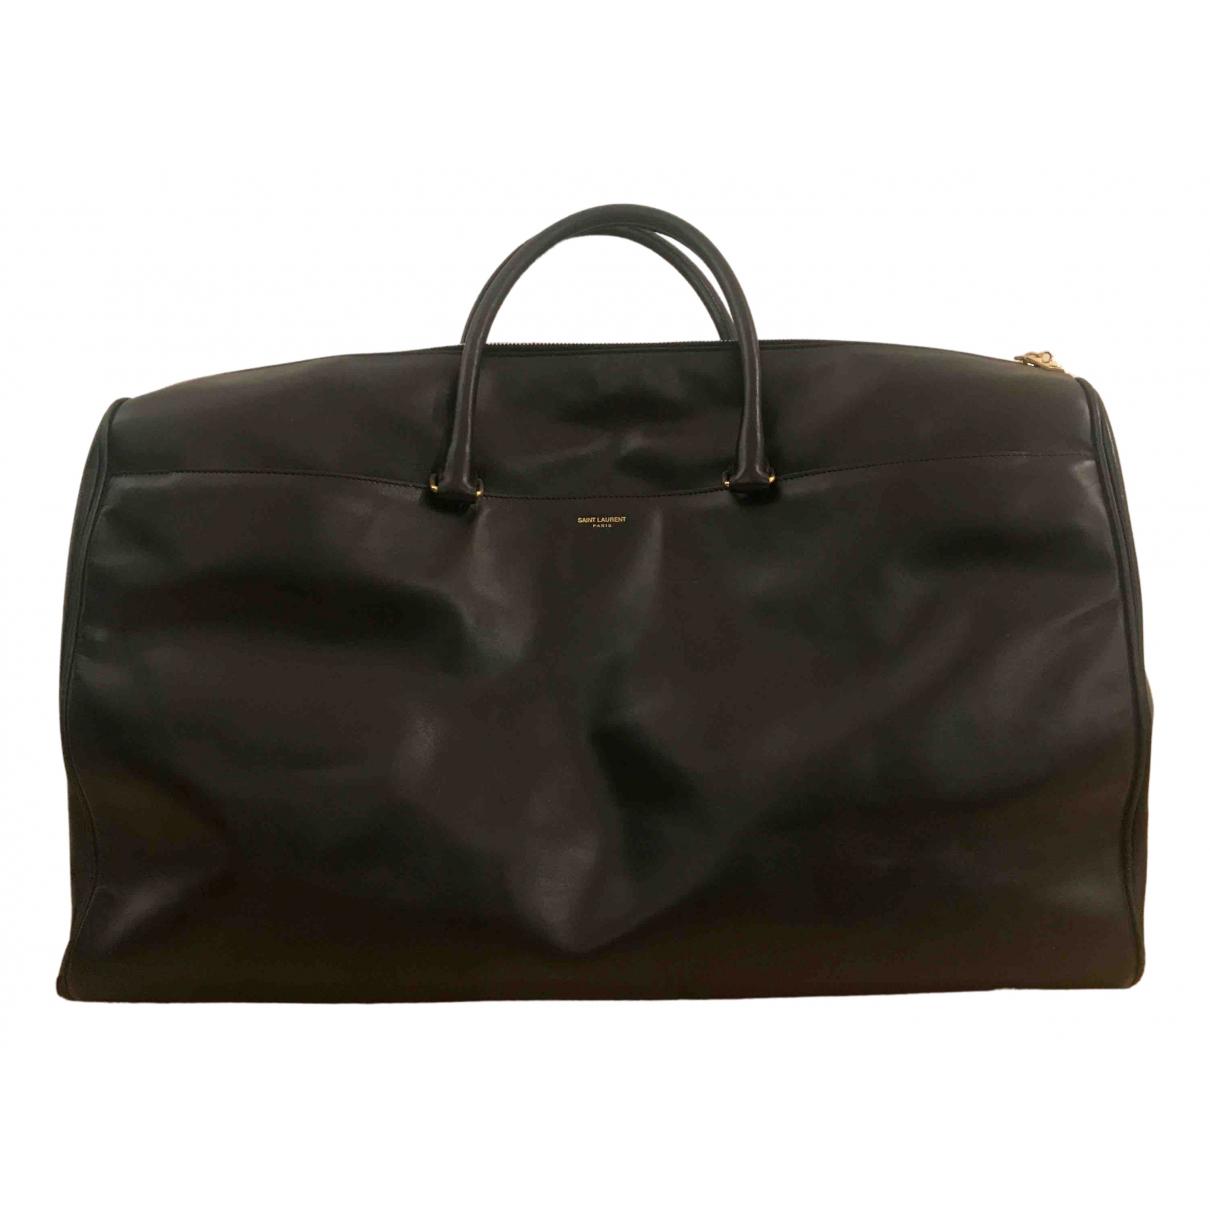 Saint Laurent N Black Leather bag for Men N